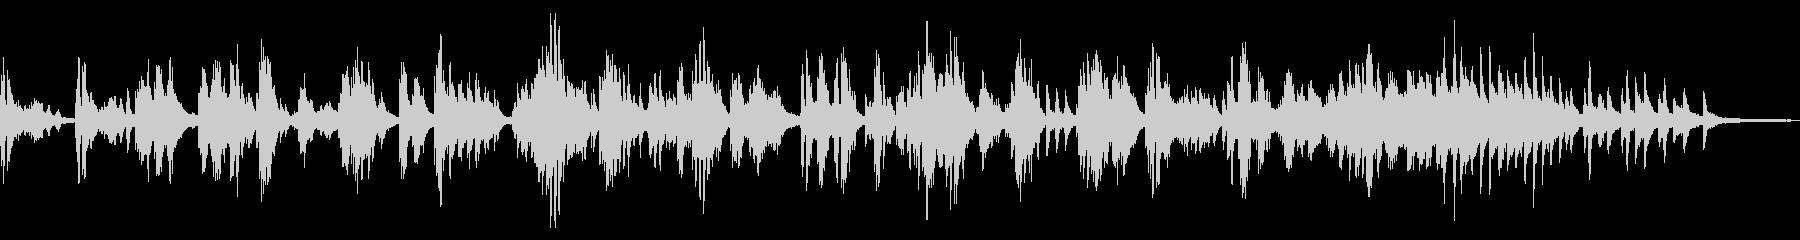 厳か/伝統的な和風曲22-ピアノソロの未再生の波形